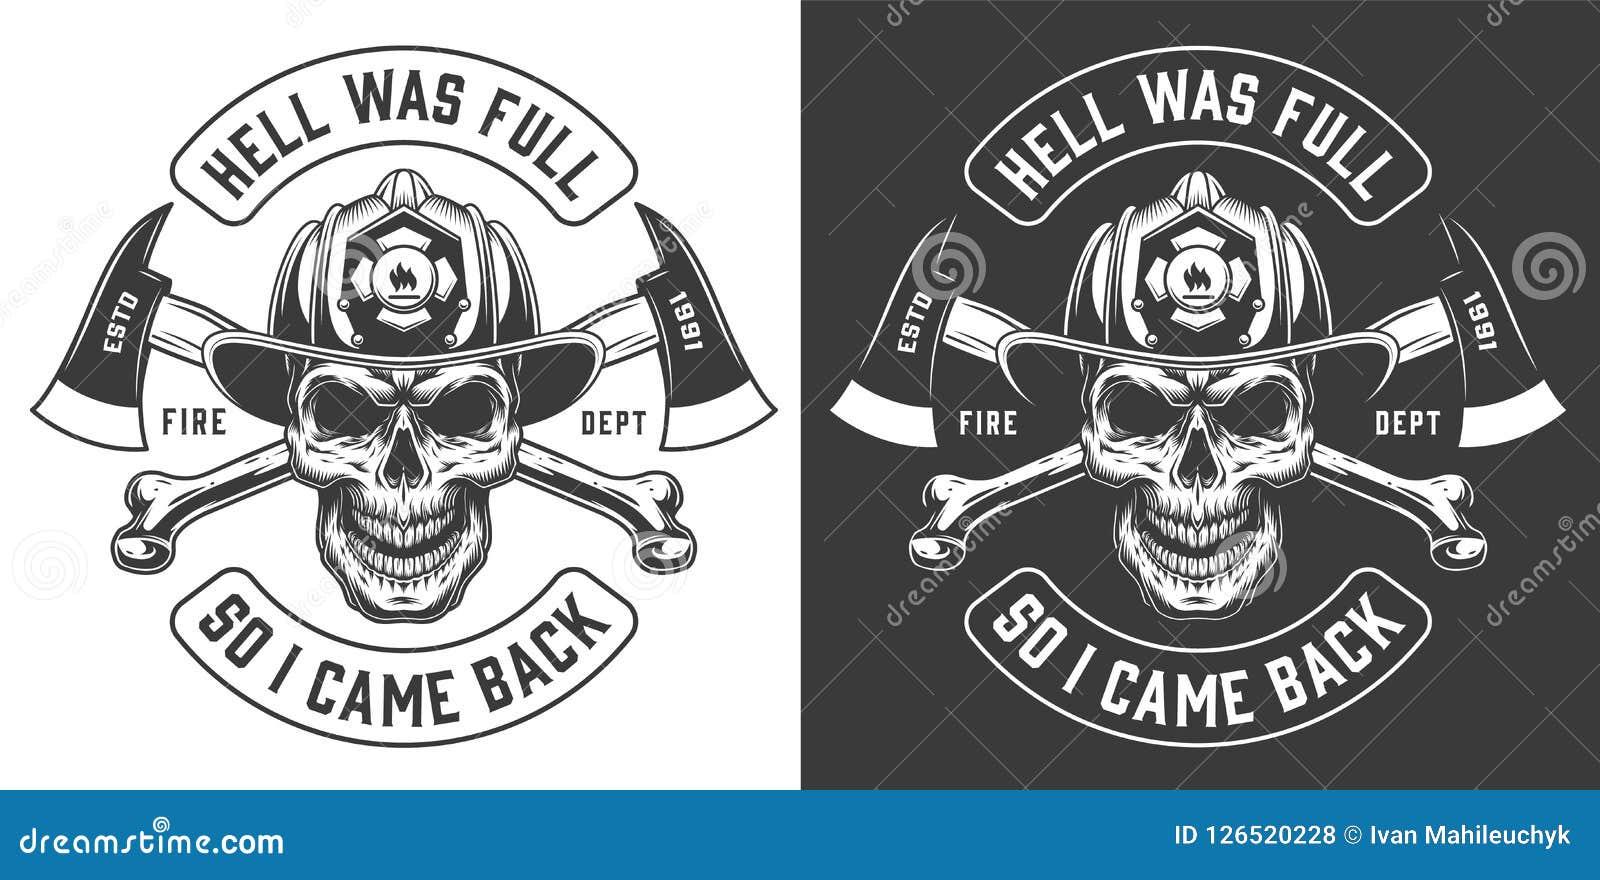 Vintage firefighter labels concept